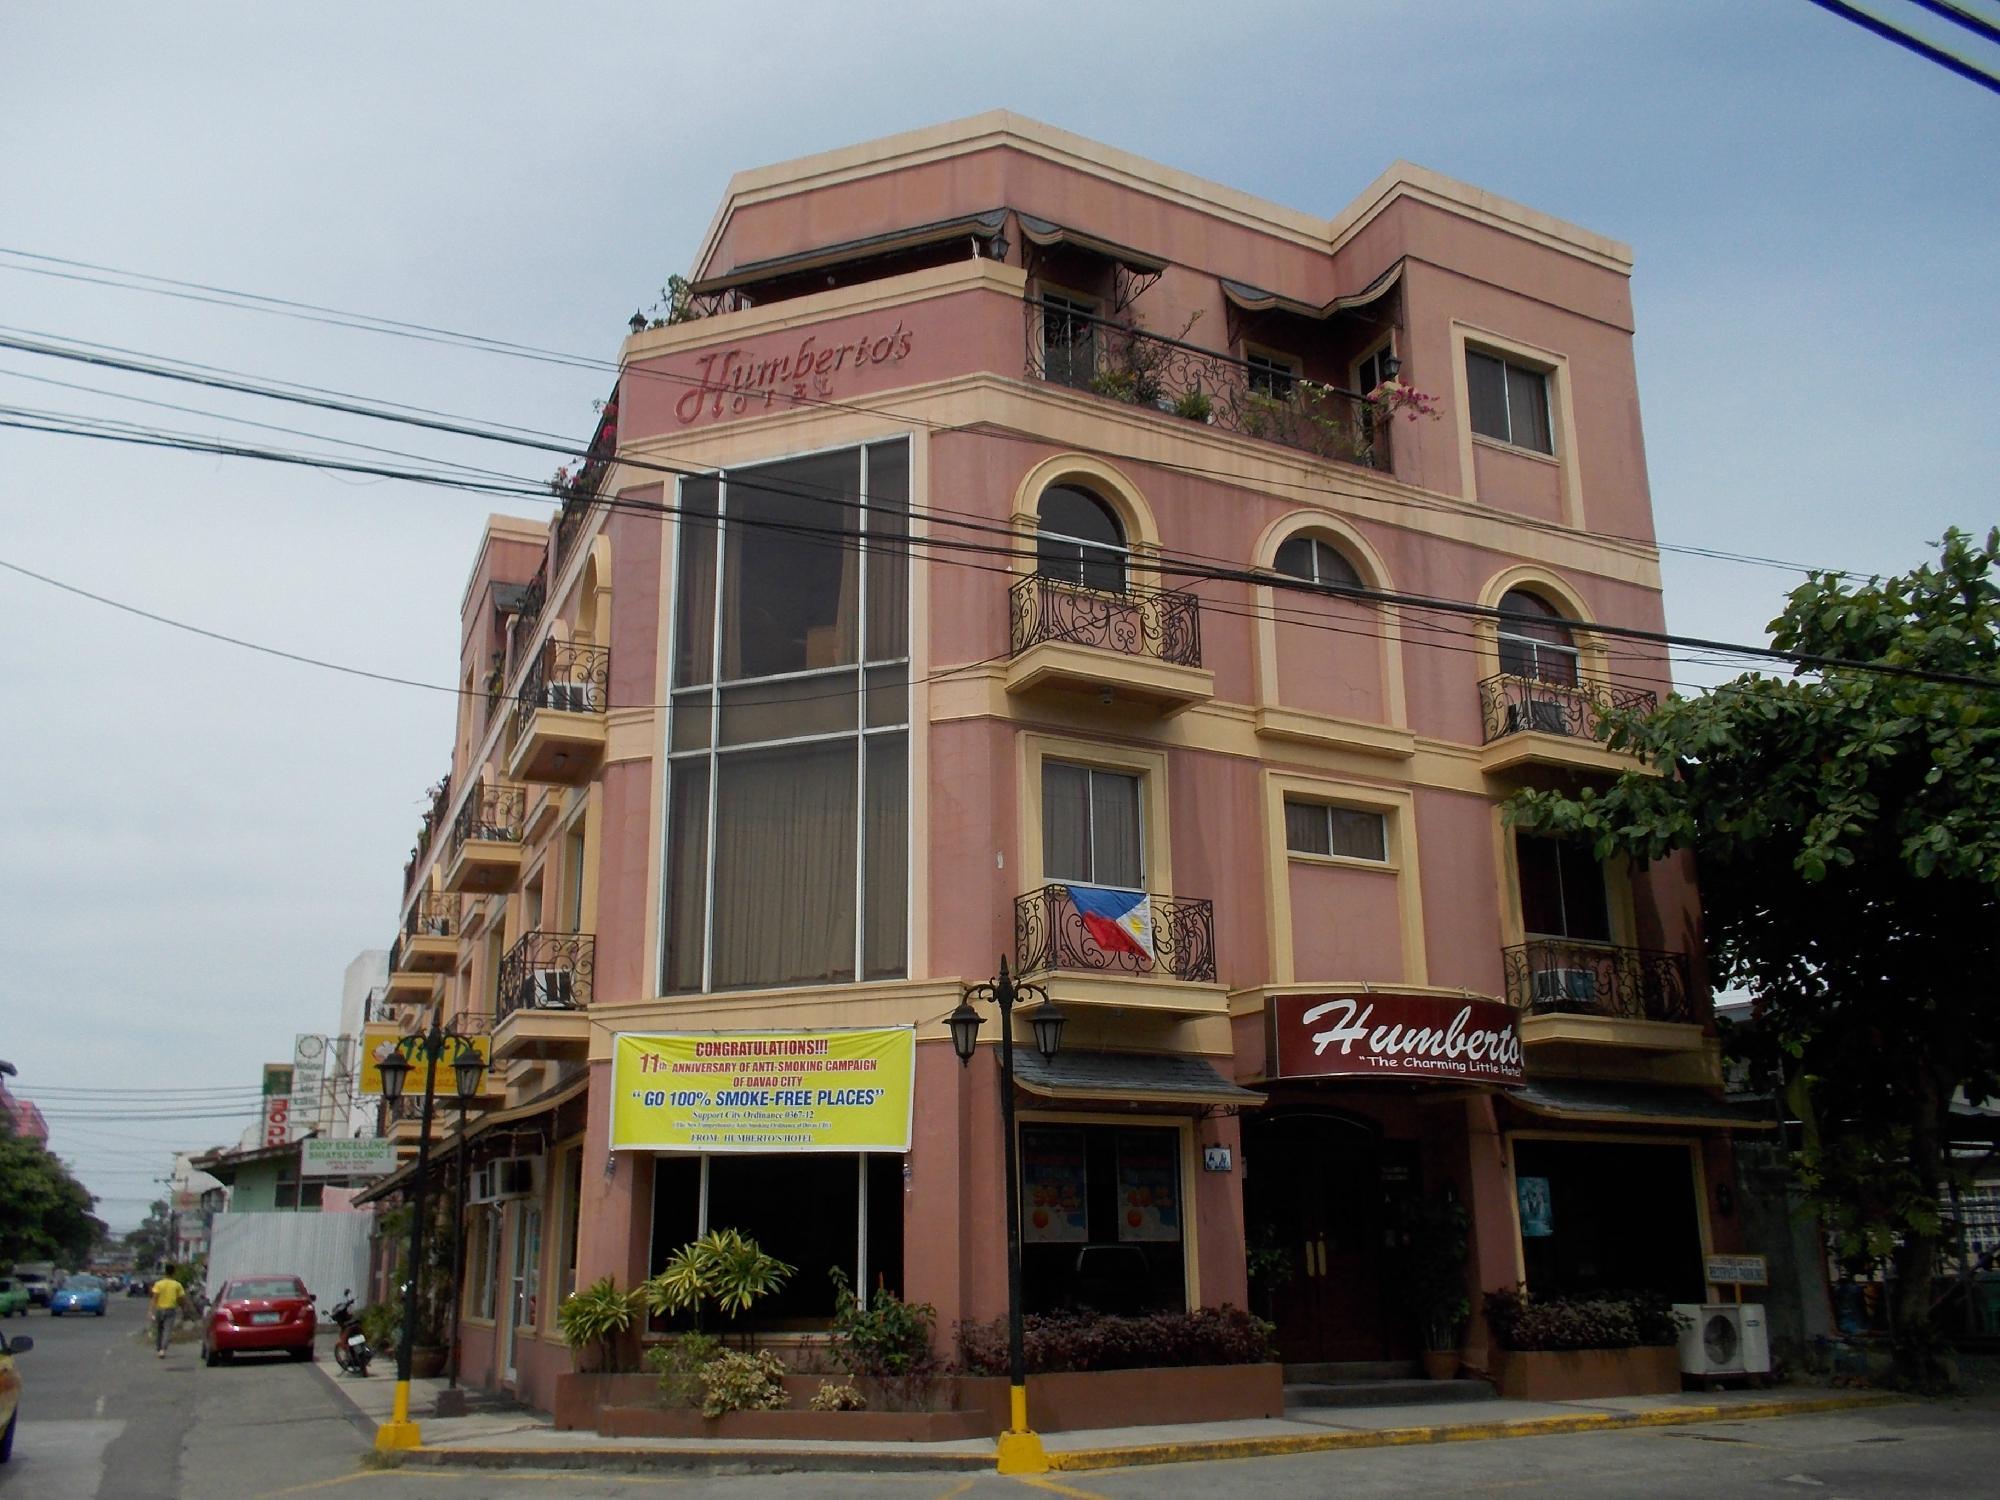 Humberto's Hotel